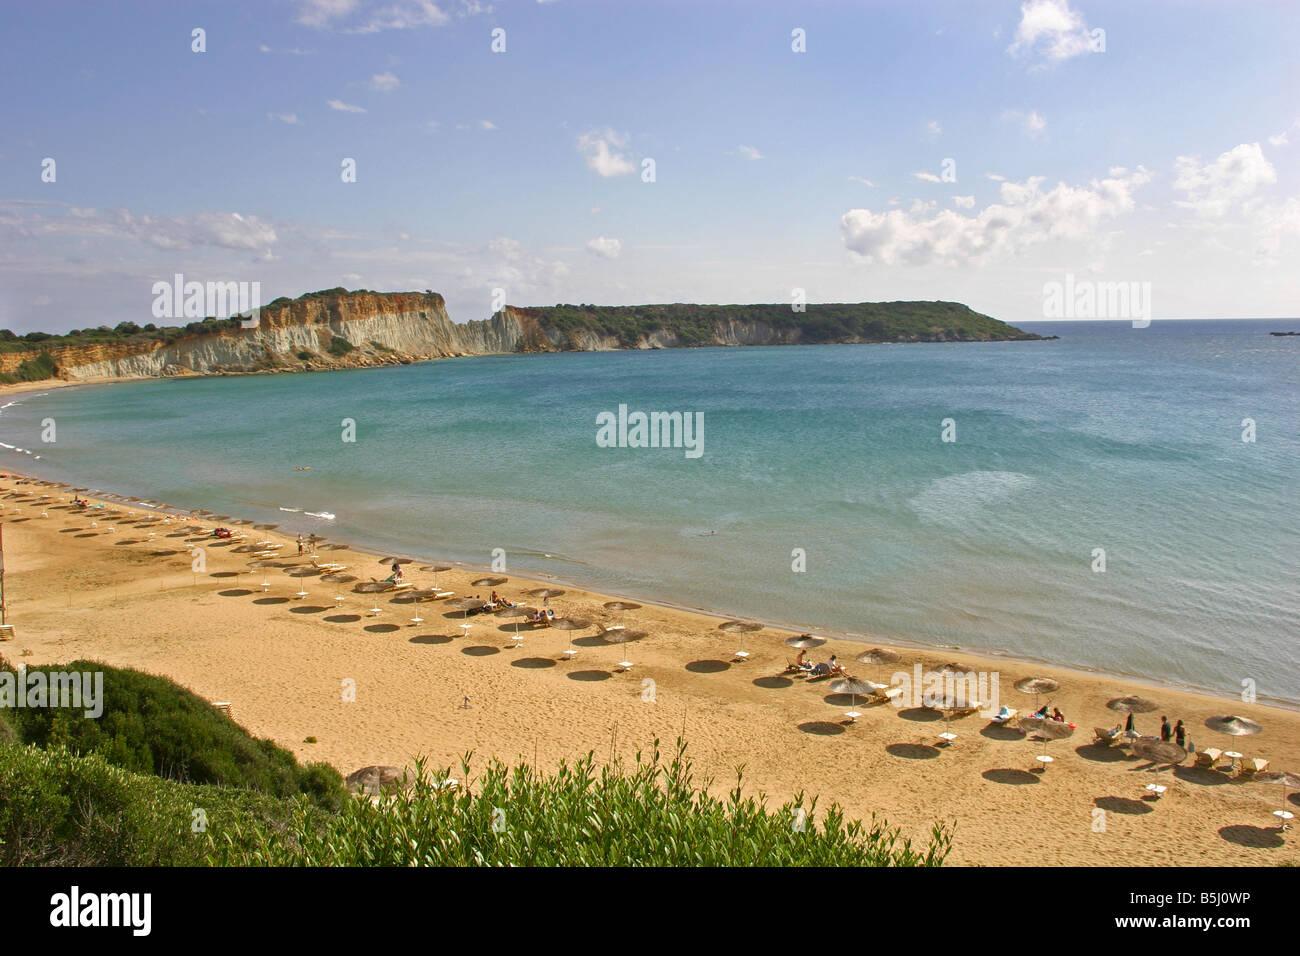 visilikas beach zante - Stock Image